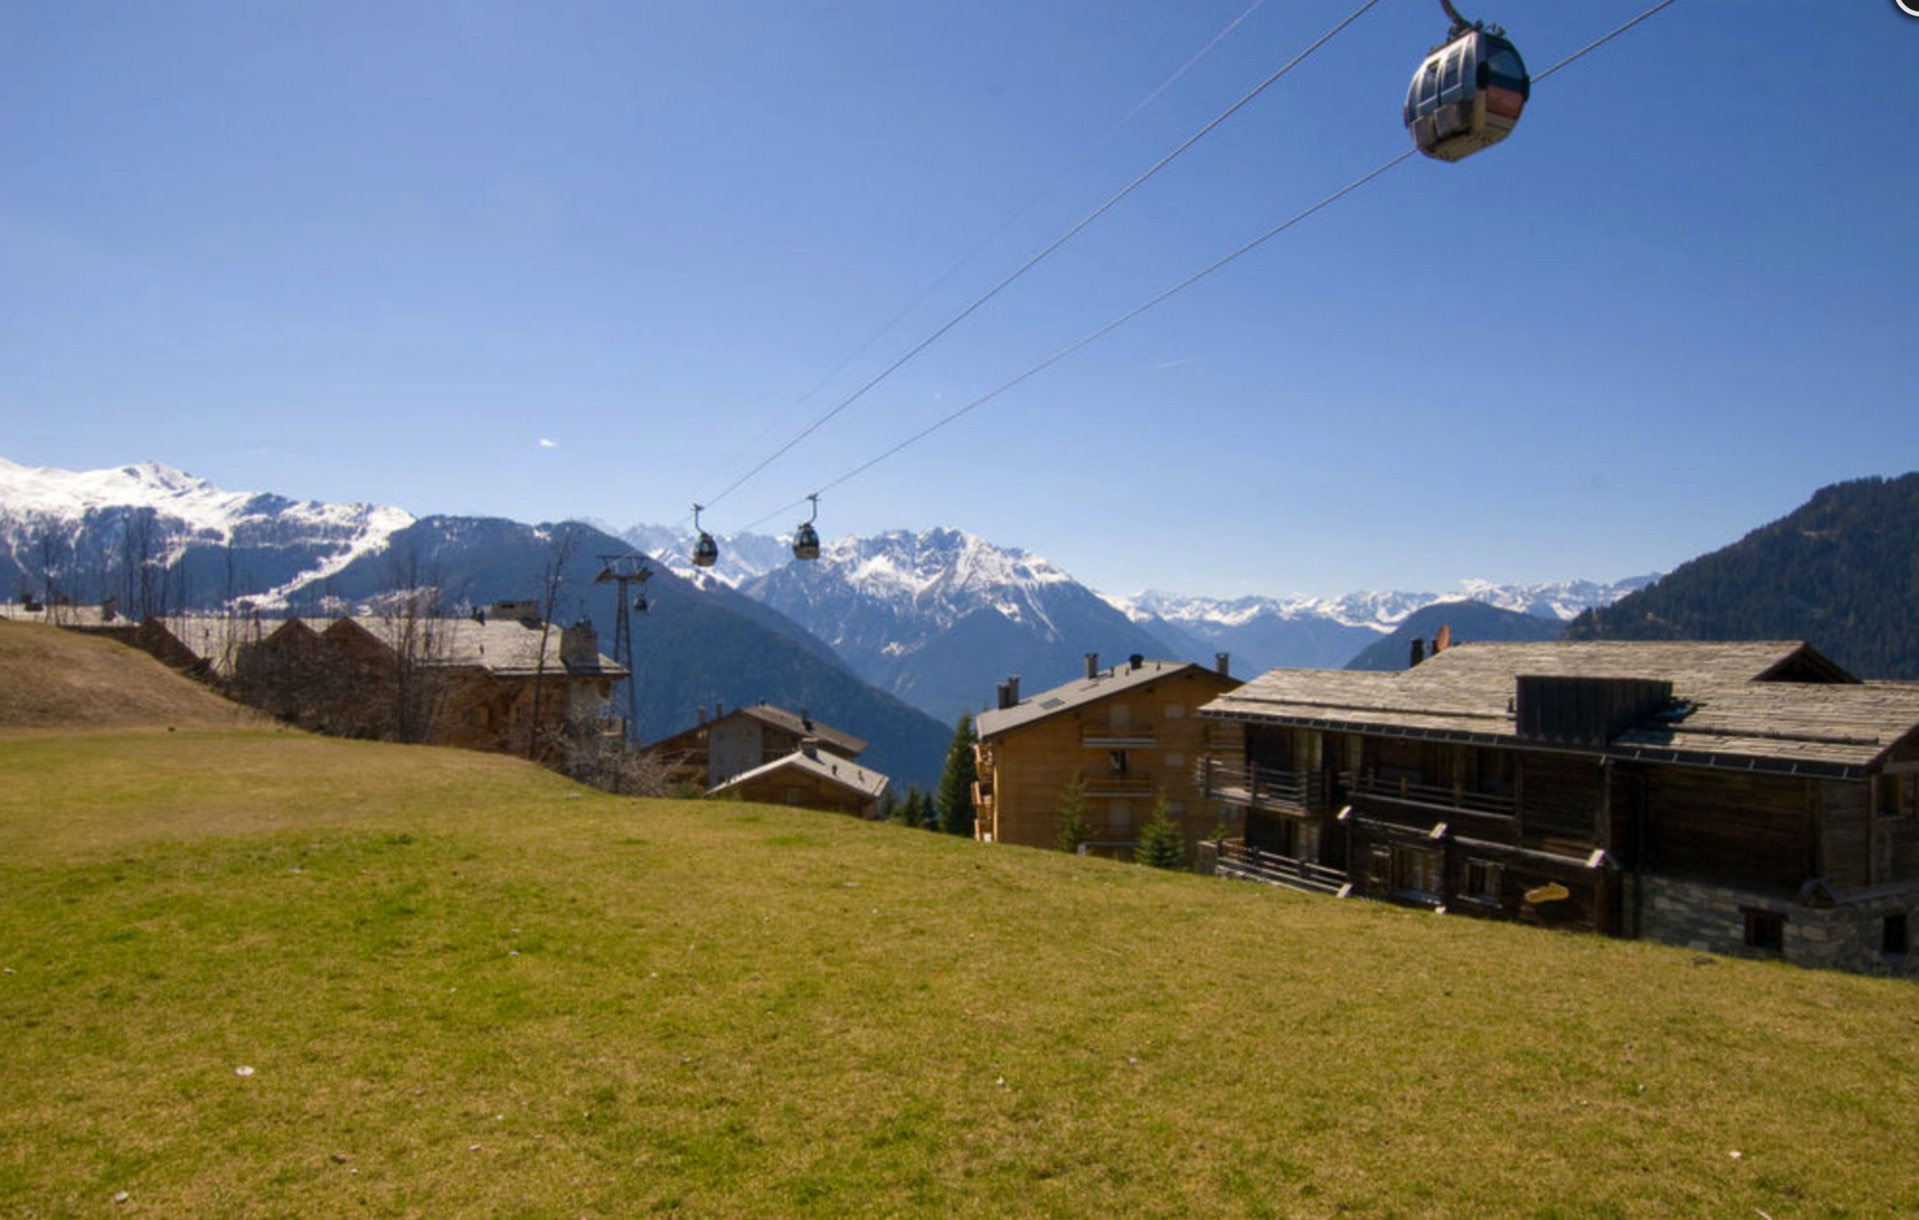 Квартира с видом на Альпы в Вербье, в районе улицы Медран, Щвейцария